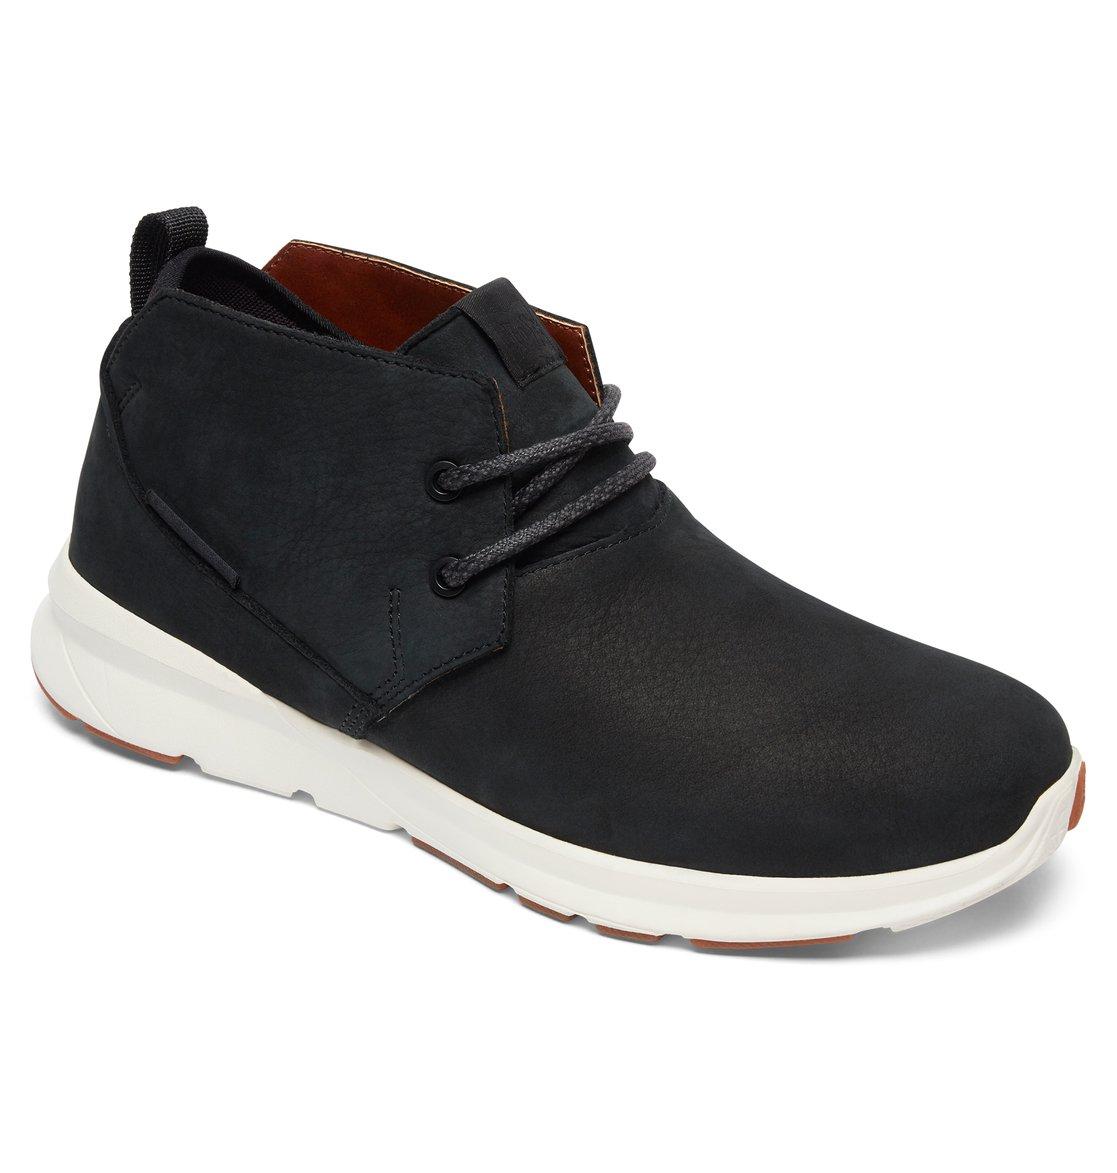 DC Shoes Ashlar - Mid-Top Shoes - Zapatillas De Media Bota - Hombre - EU 46 1D1GJH